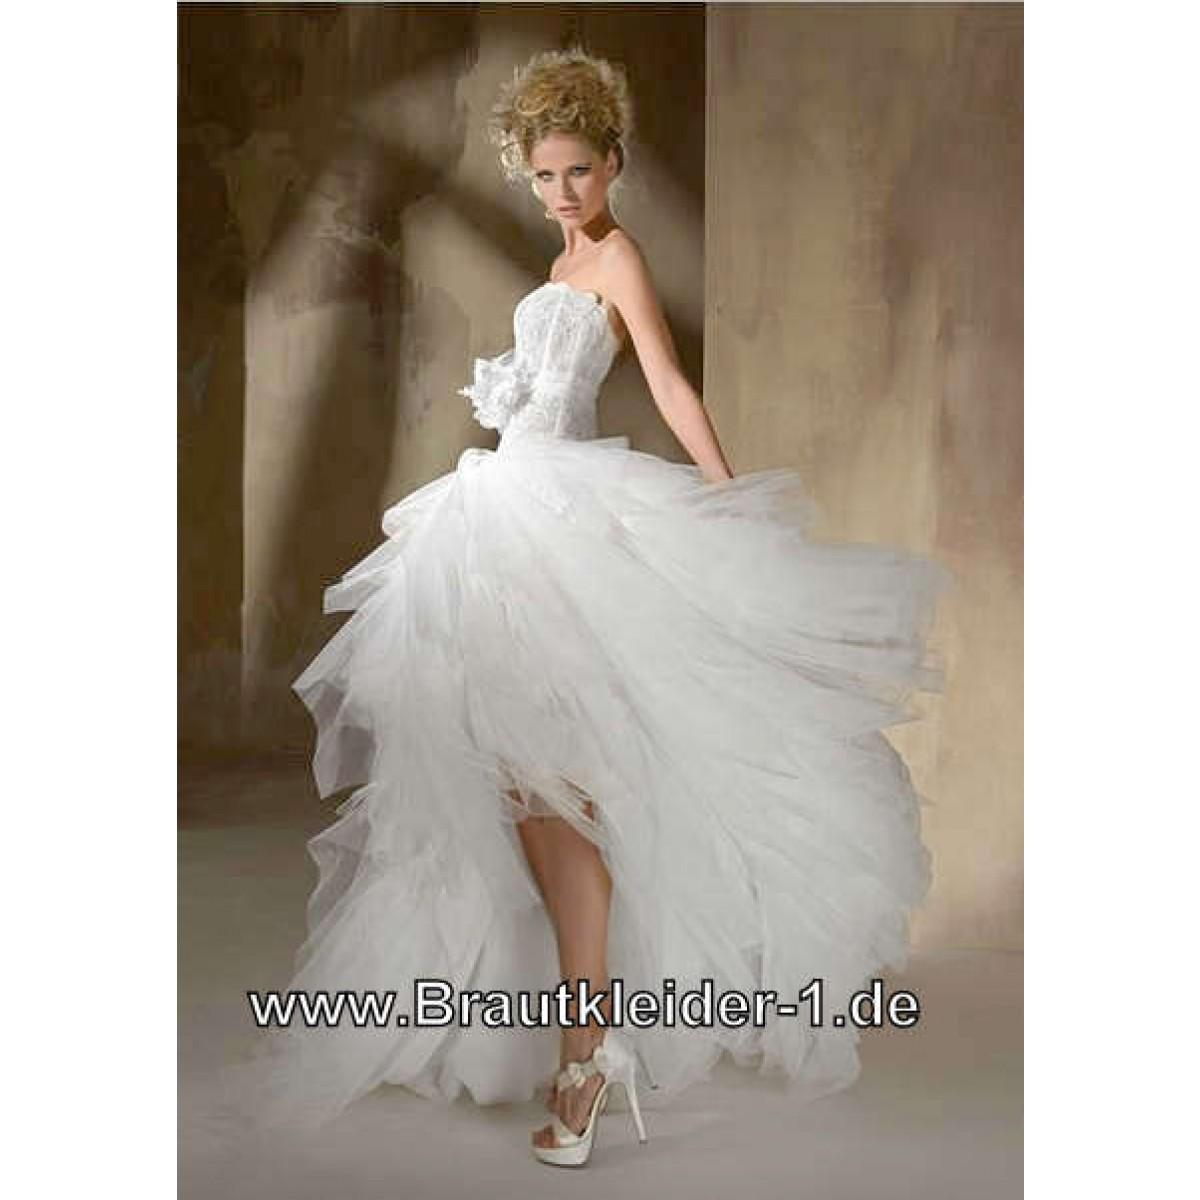 Vokuhila Brautkleider auf Rechnung: 20